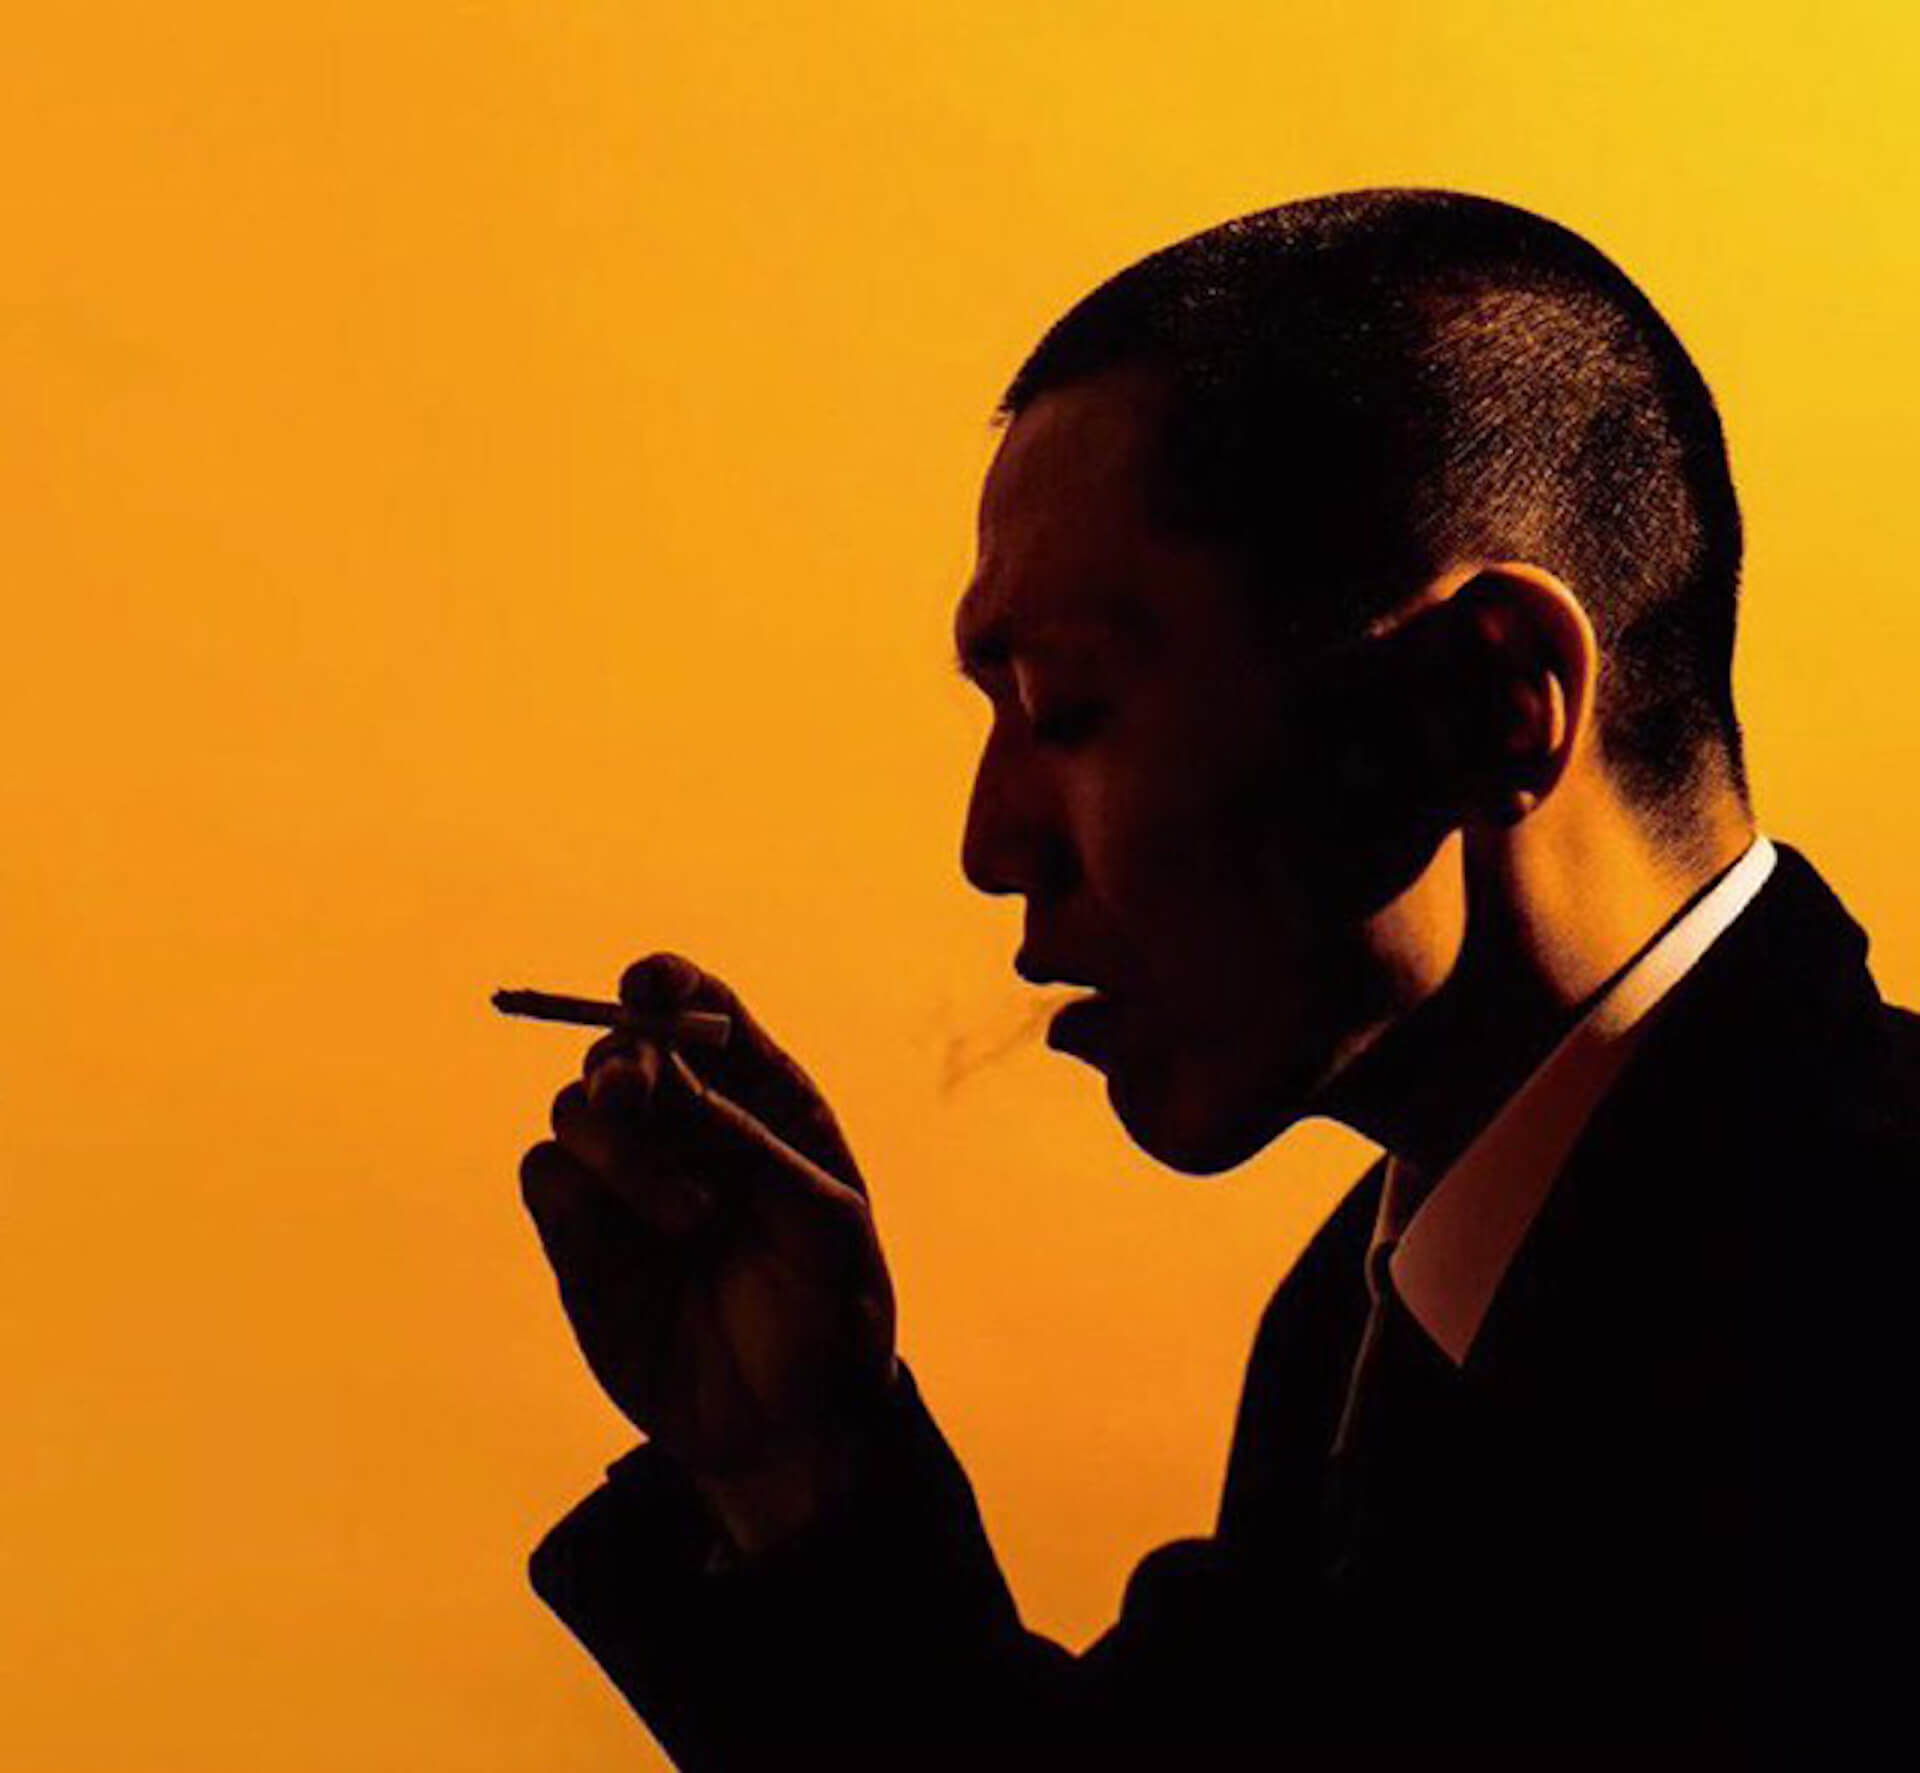 小林勝行、曽我部恵一、鬼の3マン<詩情の人>振替公演が7月14日に開催決定 music200401-shijounohito-2